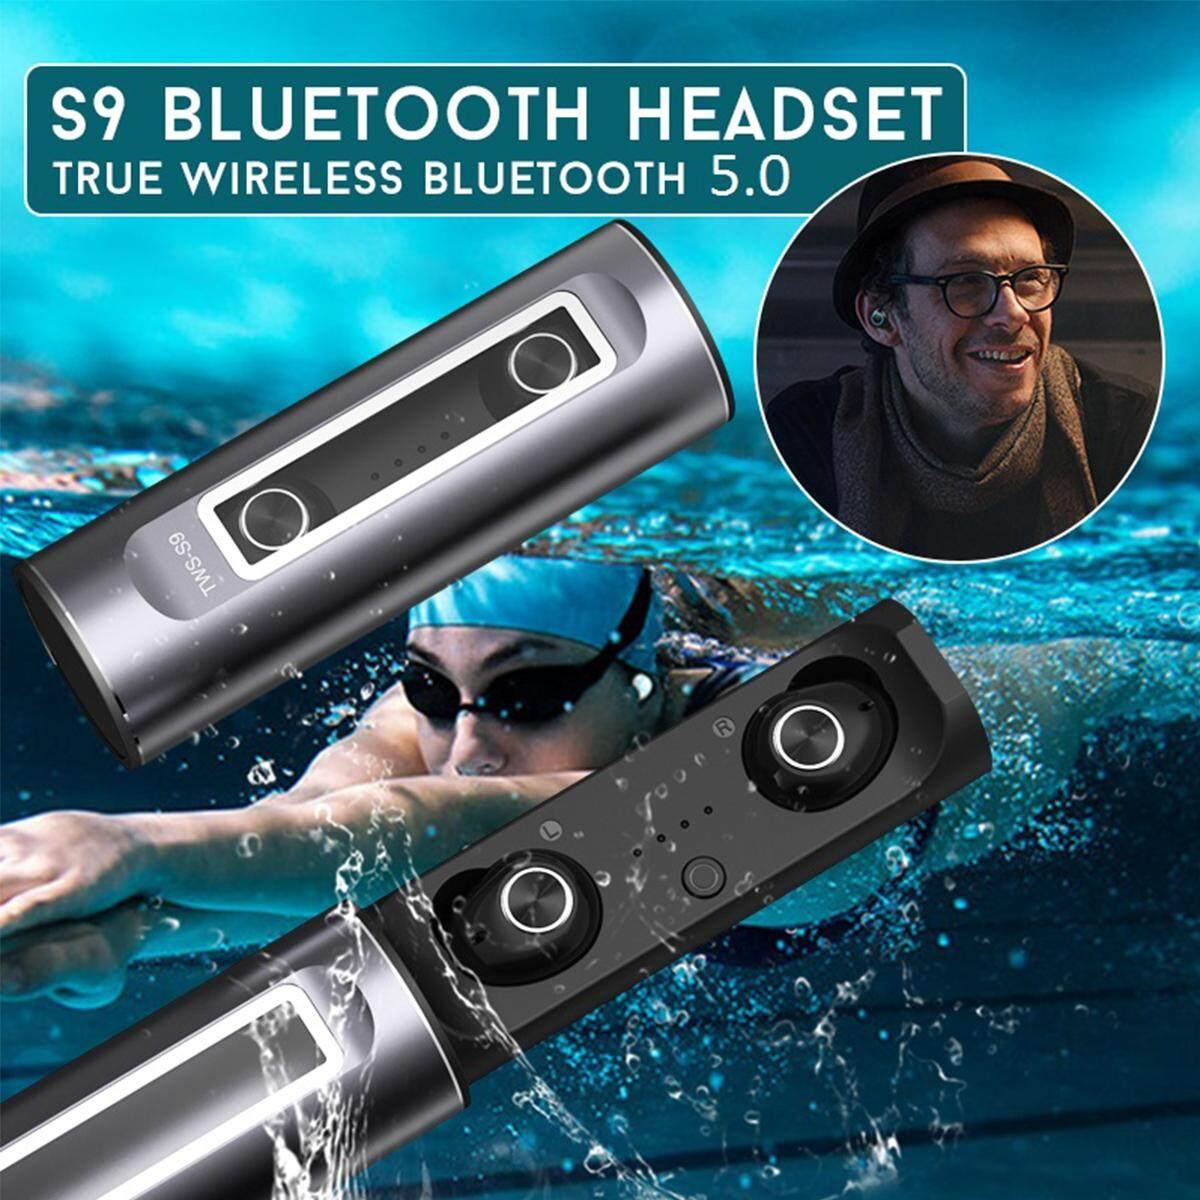 TWS-S9 Wireless Bluetooth 5.0 Earphone Headset In-Ear Stereo Earbuds